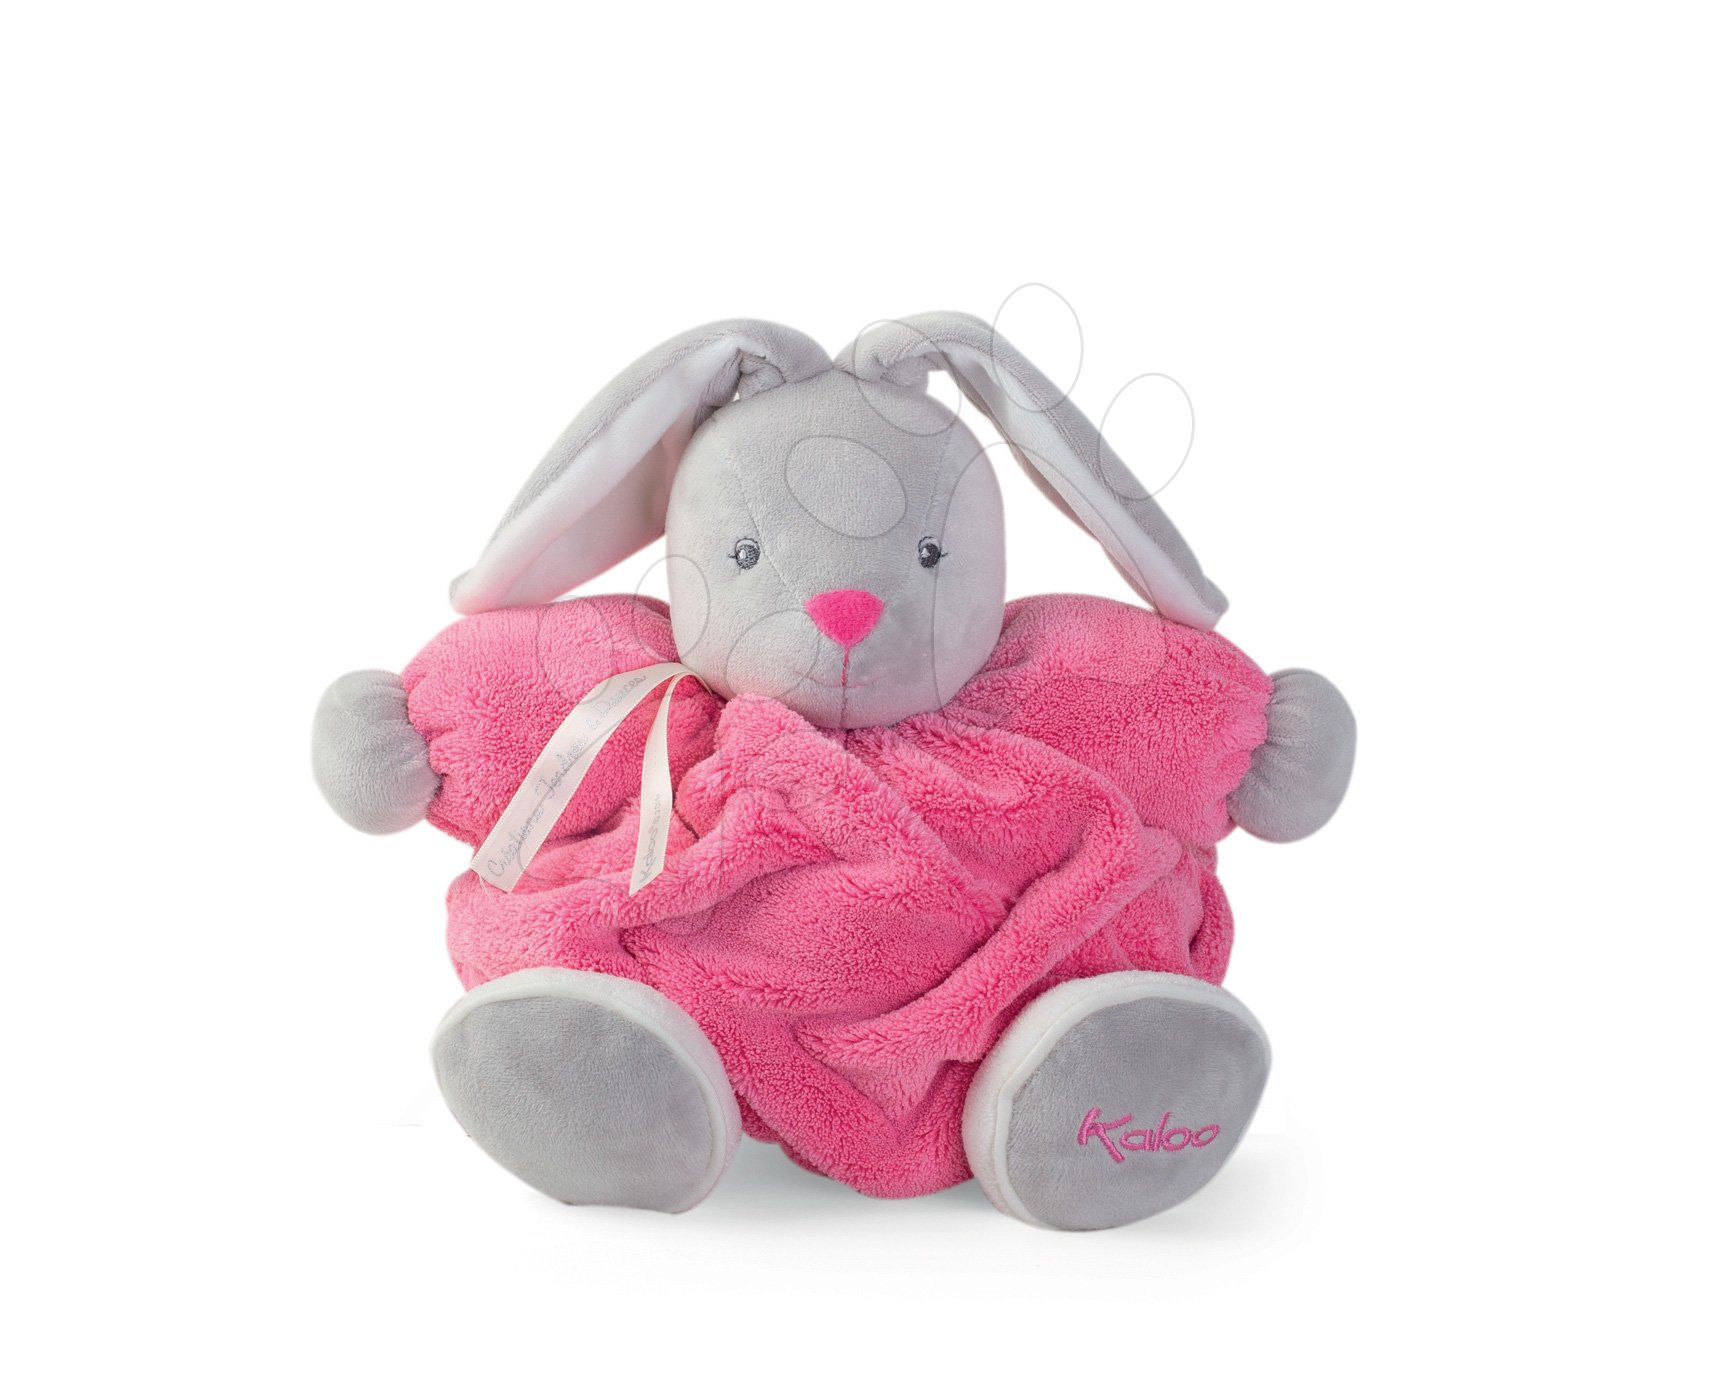 Plüss nyuszi Plume Chubby Kaloo 25 cm ajándékcsomagolásban legkisebbeknek rózsaszín